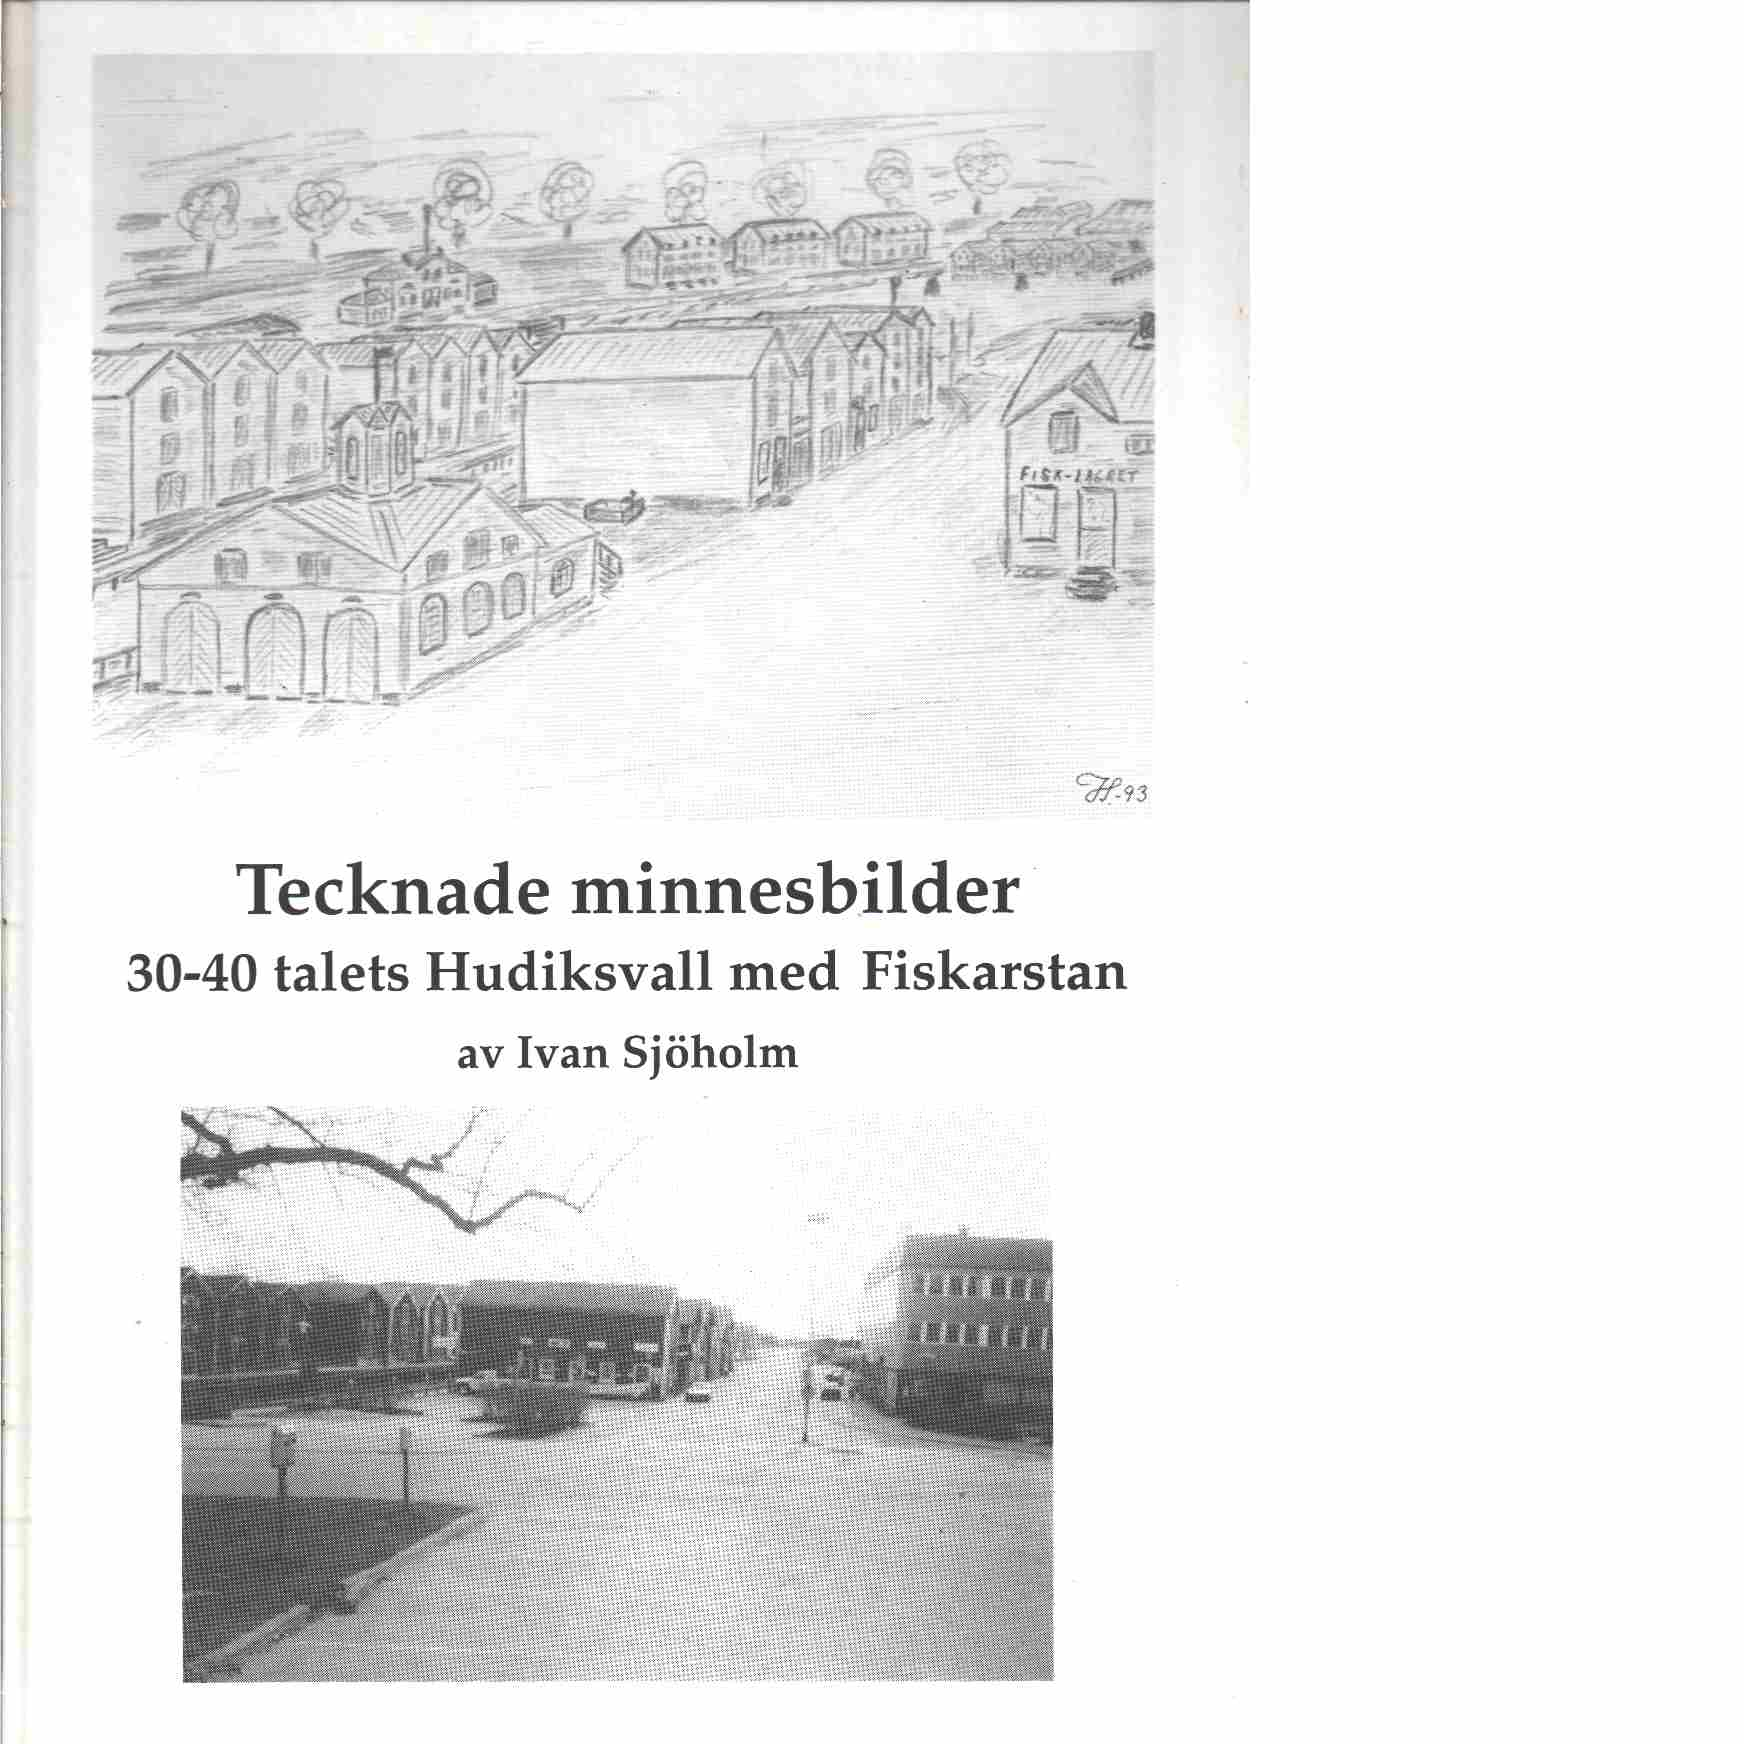 Tecknade minnesbilder : 30-40 talets Hudiksvall med Fiskarstan - Sjöholm, Ivan